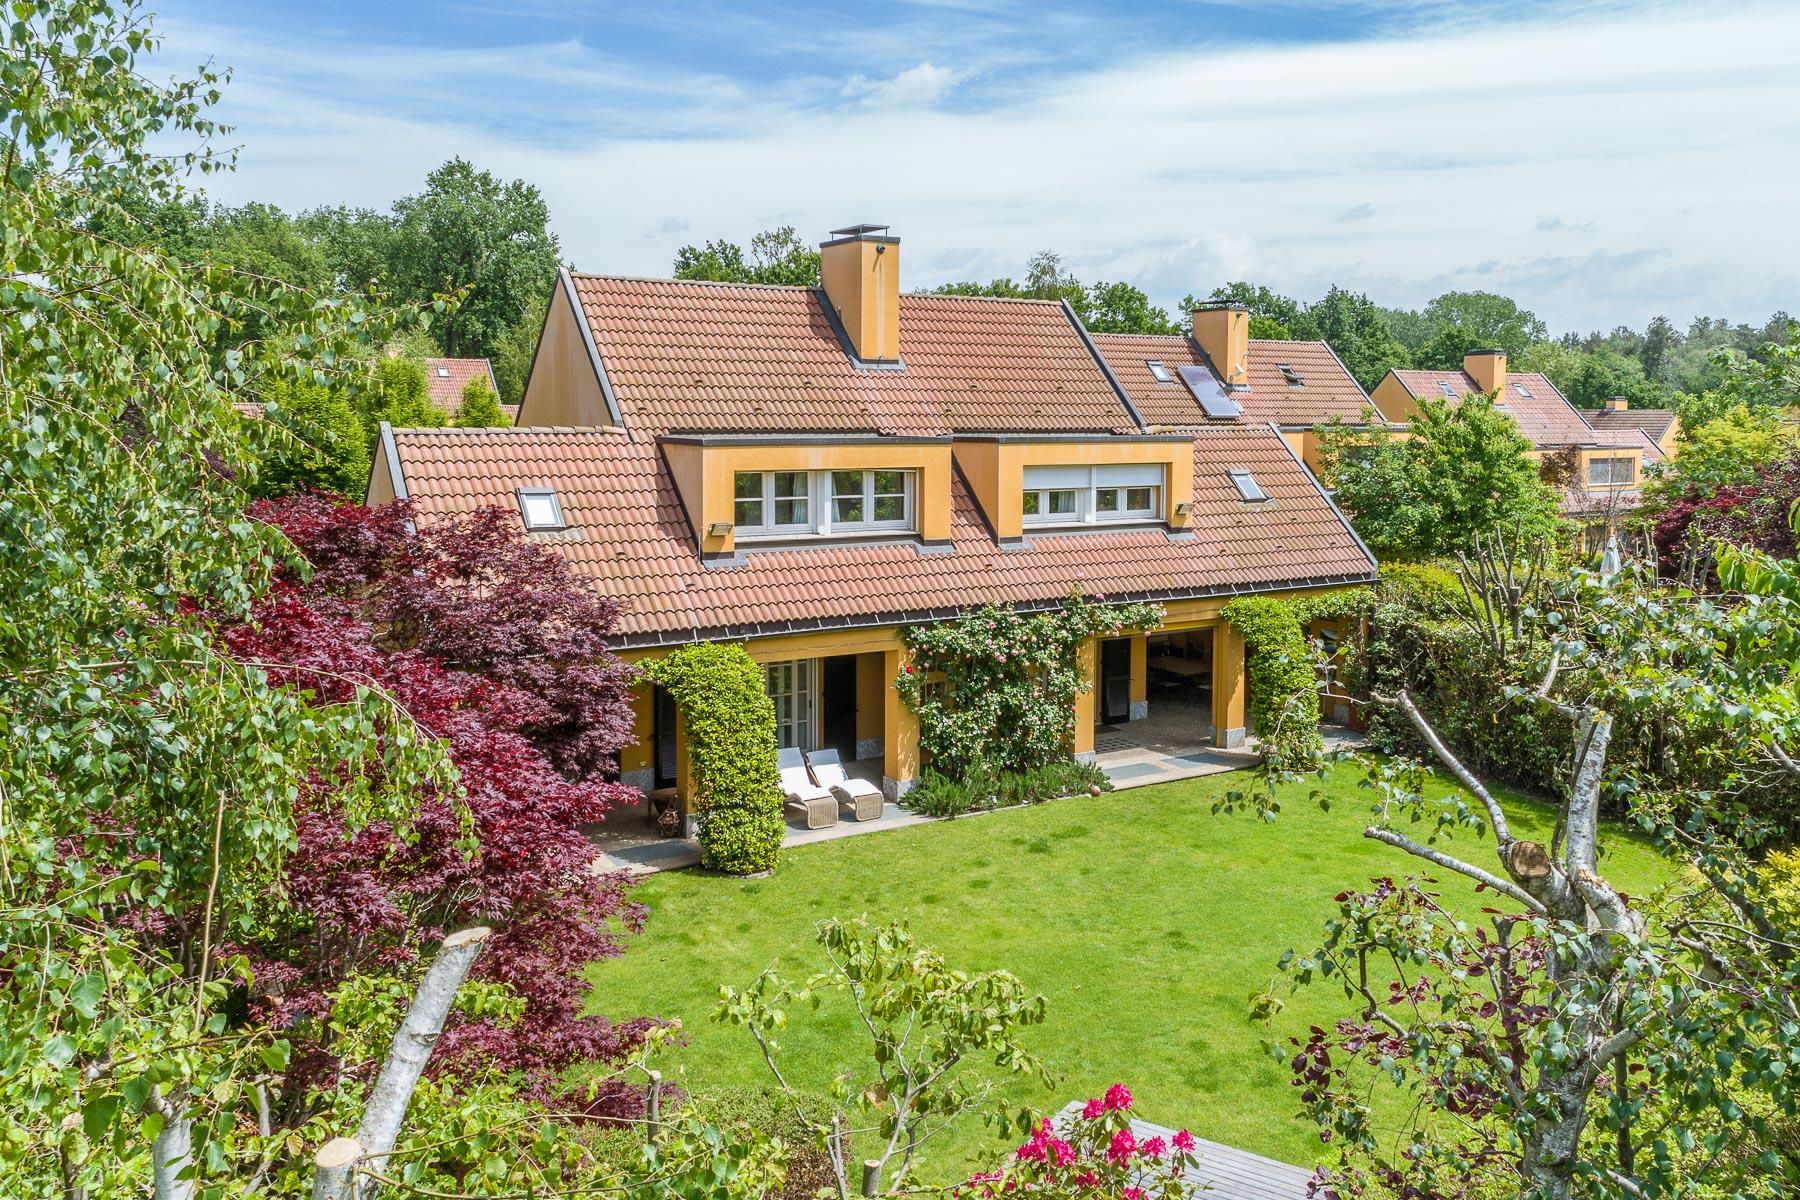 Villa in Vendita a Agrate Conturbia: 5 locali, 300 mq